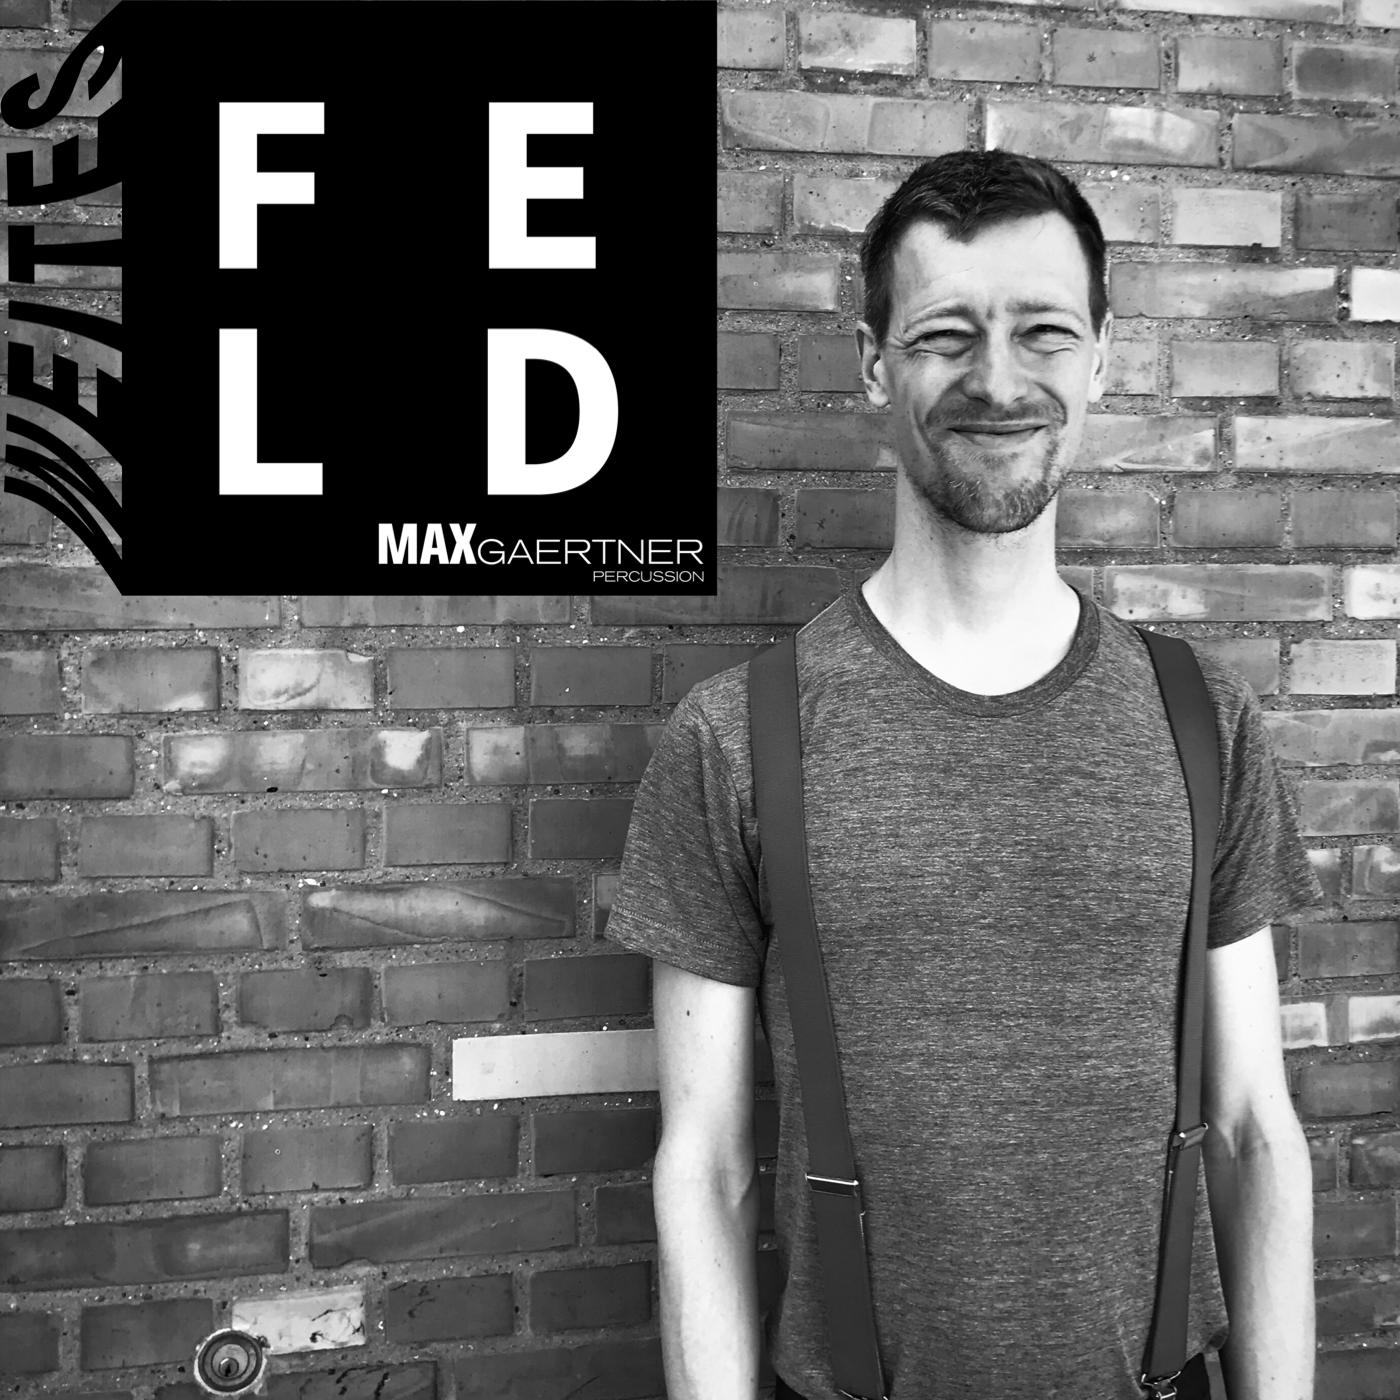 #9 Simon Løffler - Musikalische Konzepte, die Weiterentwicklung des Selbst, Metamorphose & PhD